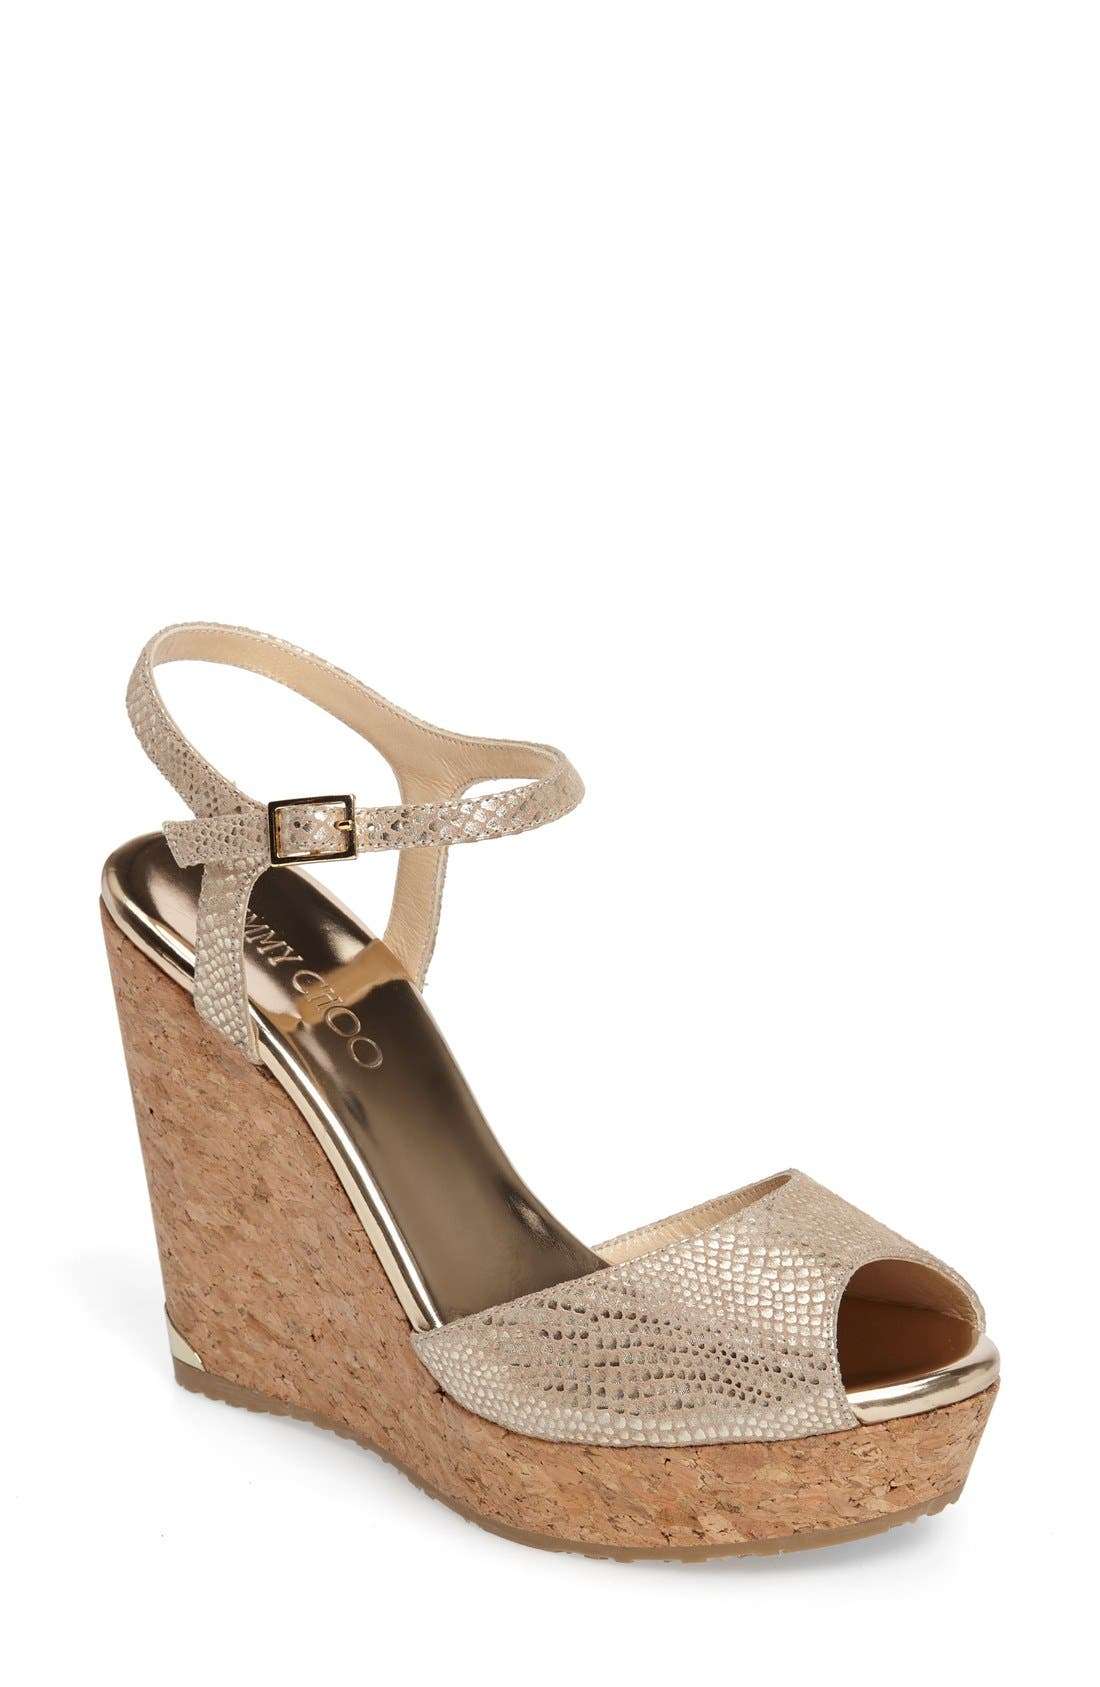 Jimmy Choo Perla Cork Wedge Sandal